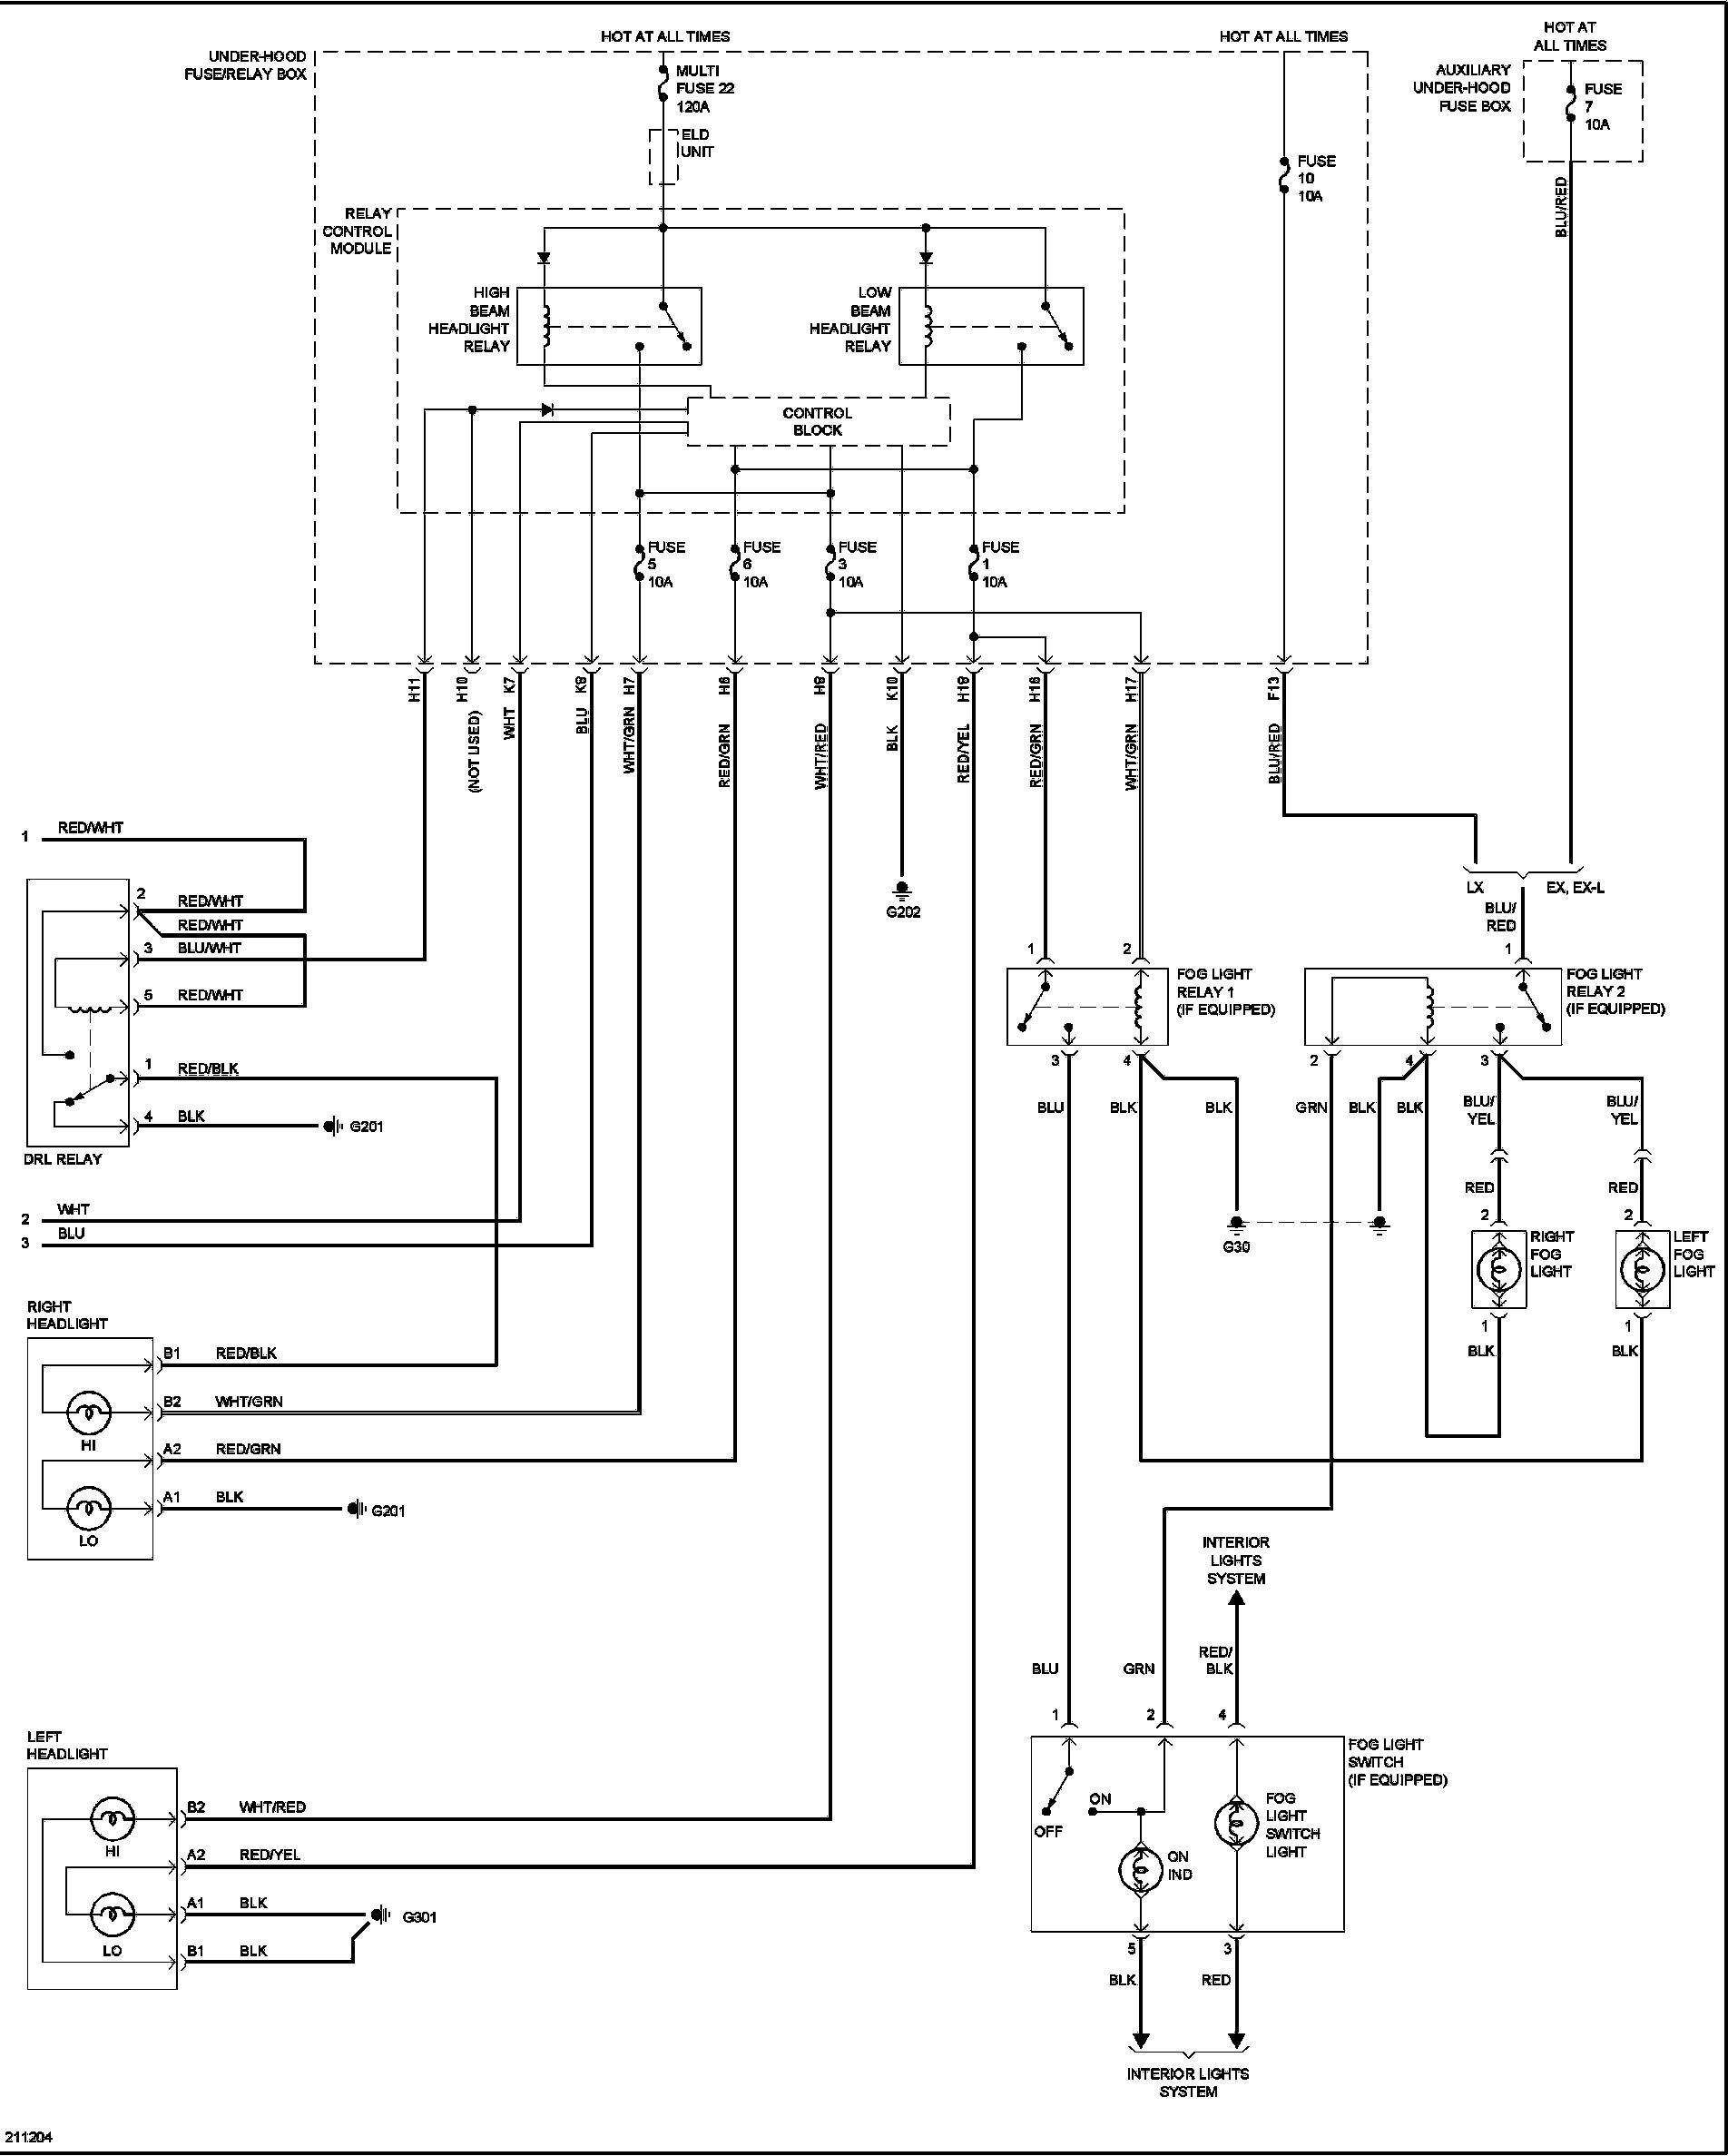 wiring diagram for 1999 honda civic wiring diagram 2002 honda civic ex ac wiring diagrams 2008 honda civic ac wiring diagram #6